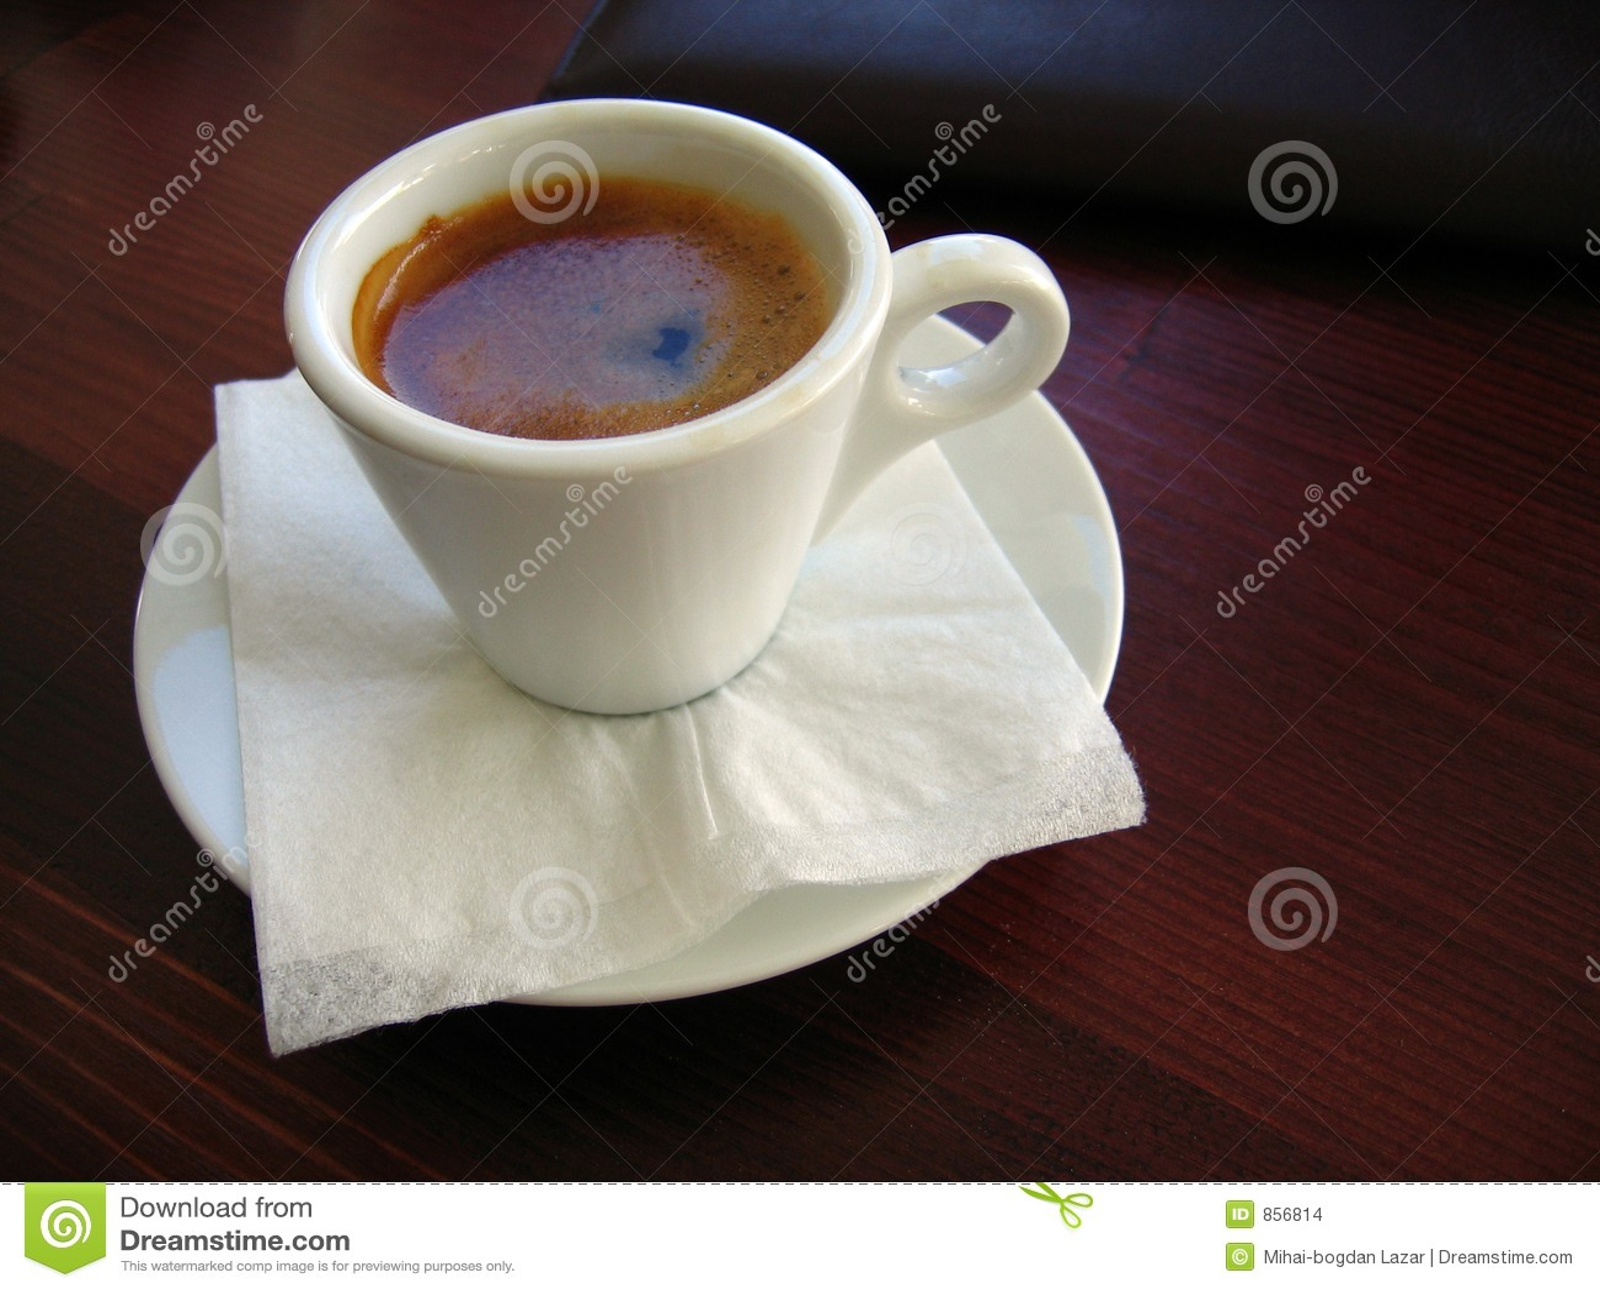 Espresso - Donker bruin thema